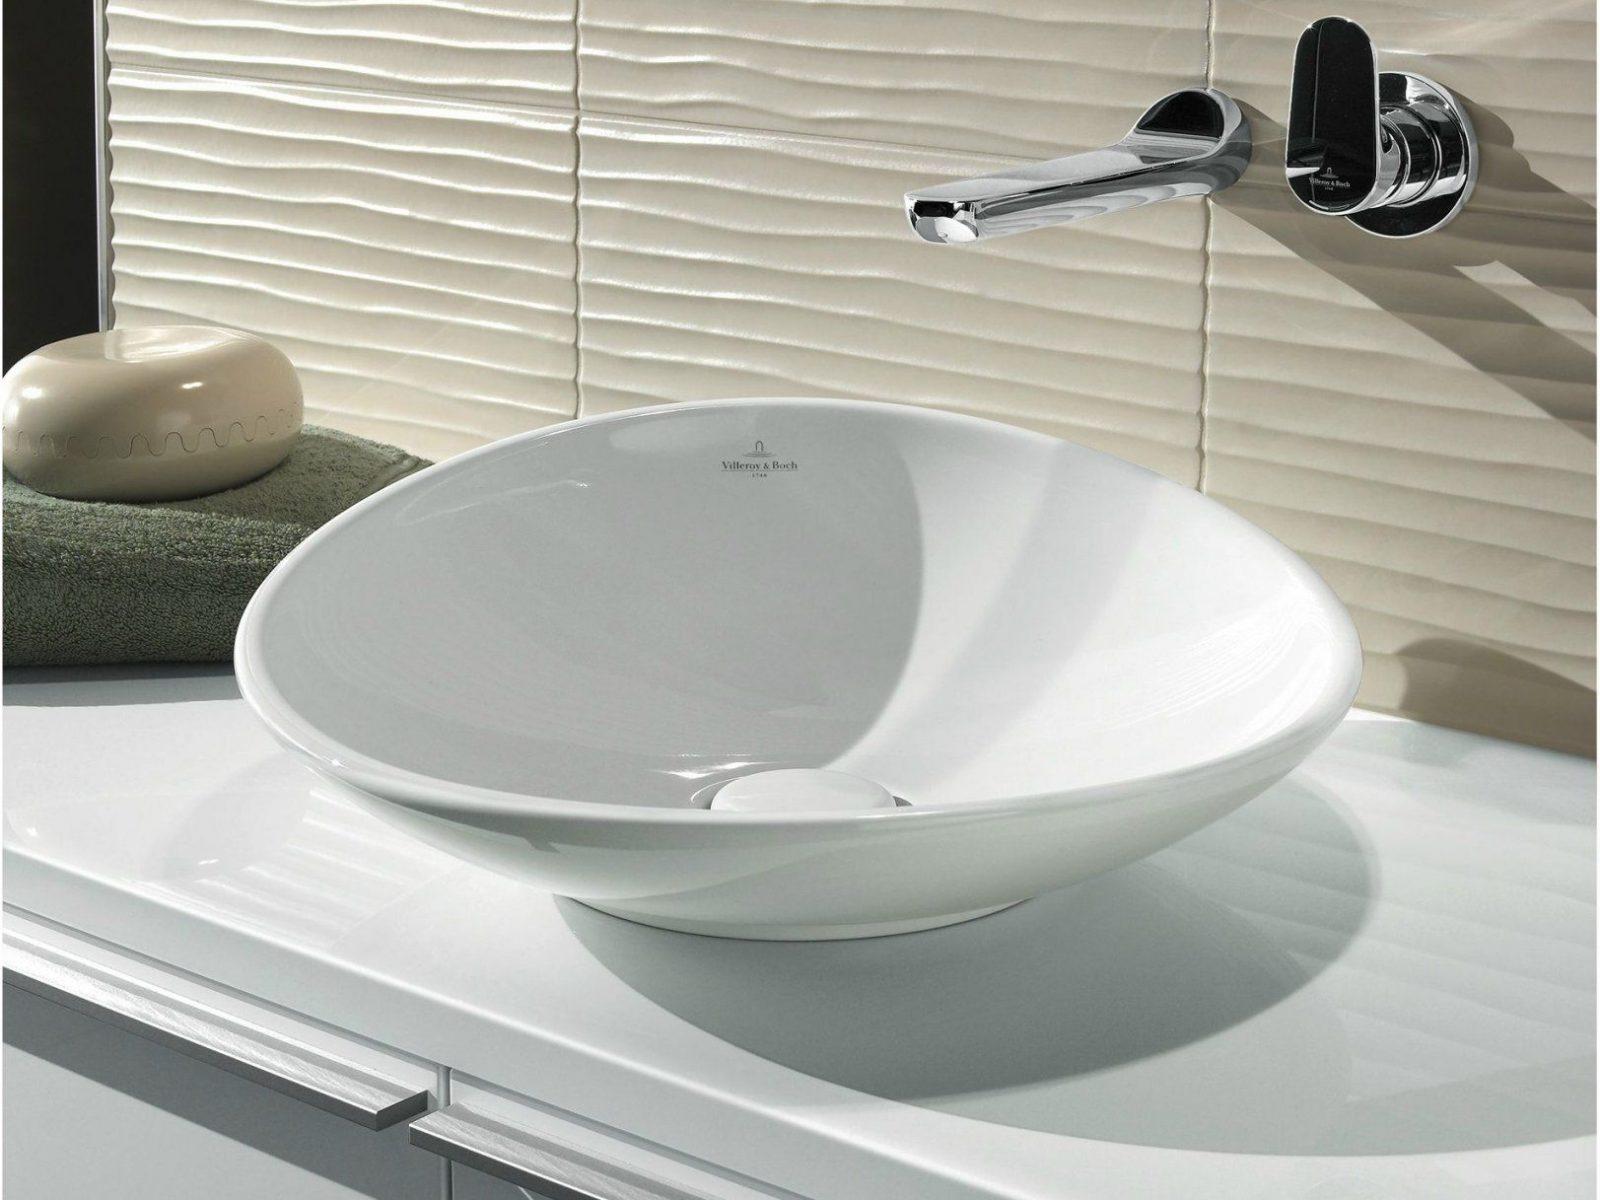 Villeroy Boch Waschtisch Perfect Villeroy Boch Waschbecken von Villeroy Und Boch Omnia Architectura Waschbecken Photo